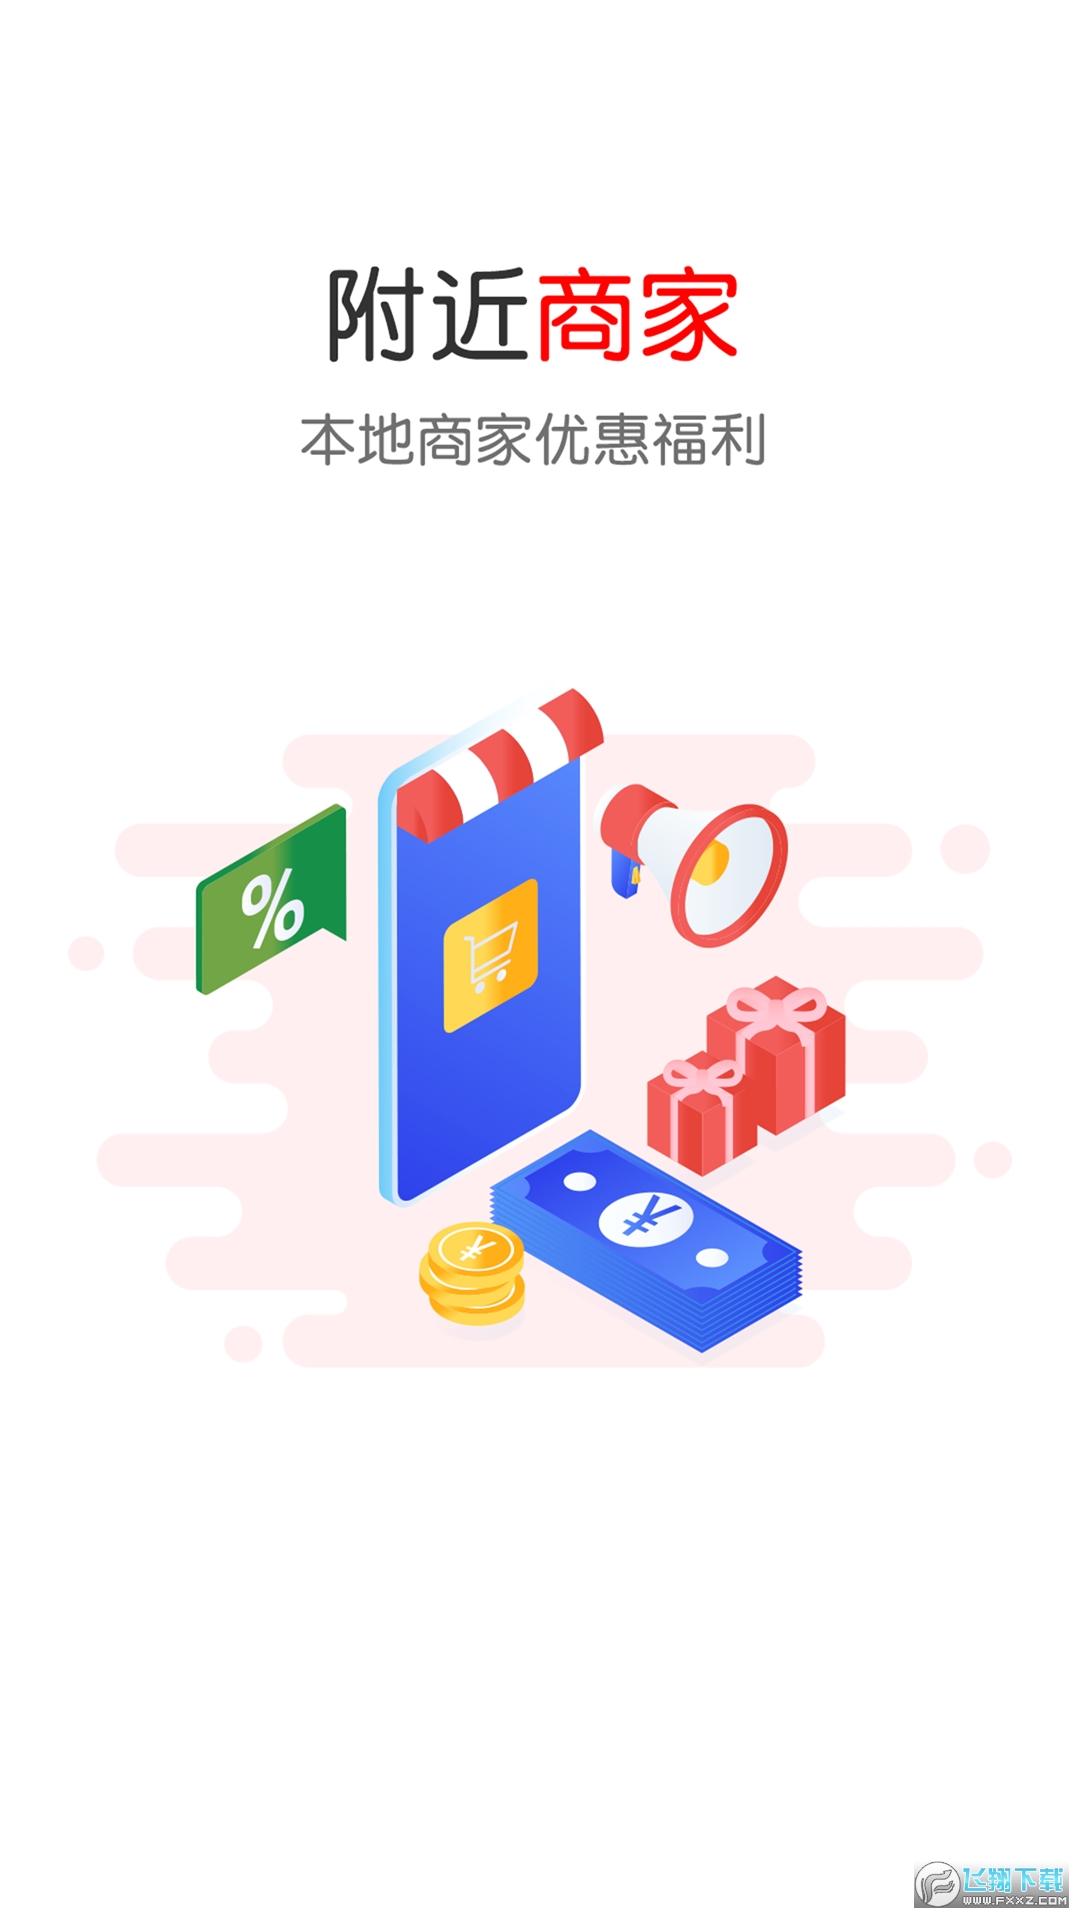 掌屏商城app手机版3.0.1最新版截图2